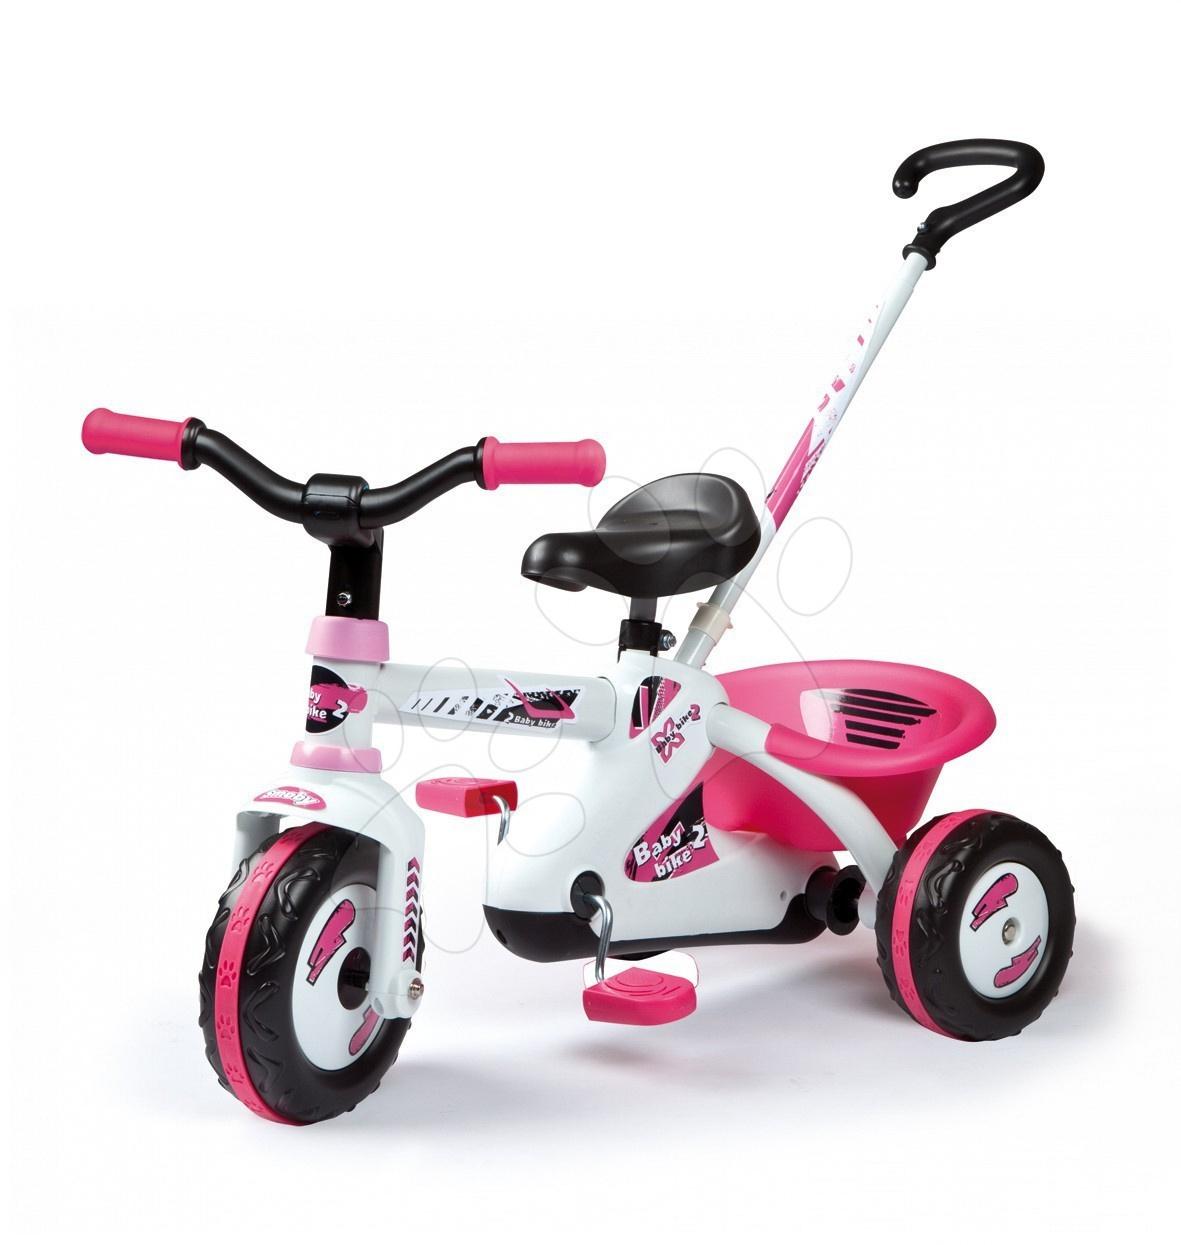 Stari vnosi - Smoby 435013 FIRST BIKE Sport Line Fille rožnata trojkolka s reťazovým pohonom a s tyčou 74*48*51 cm od 15 mes